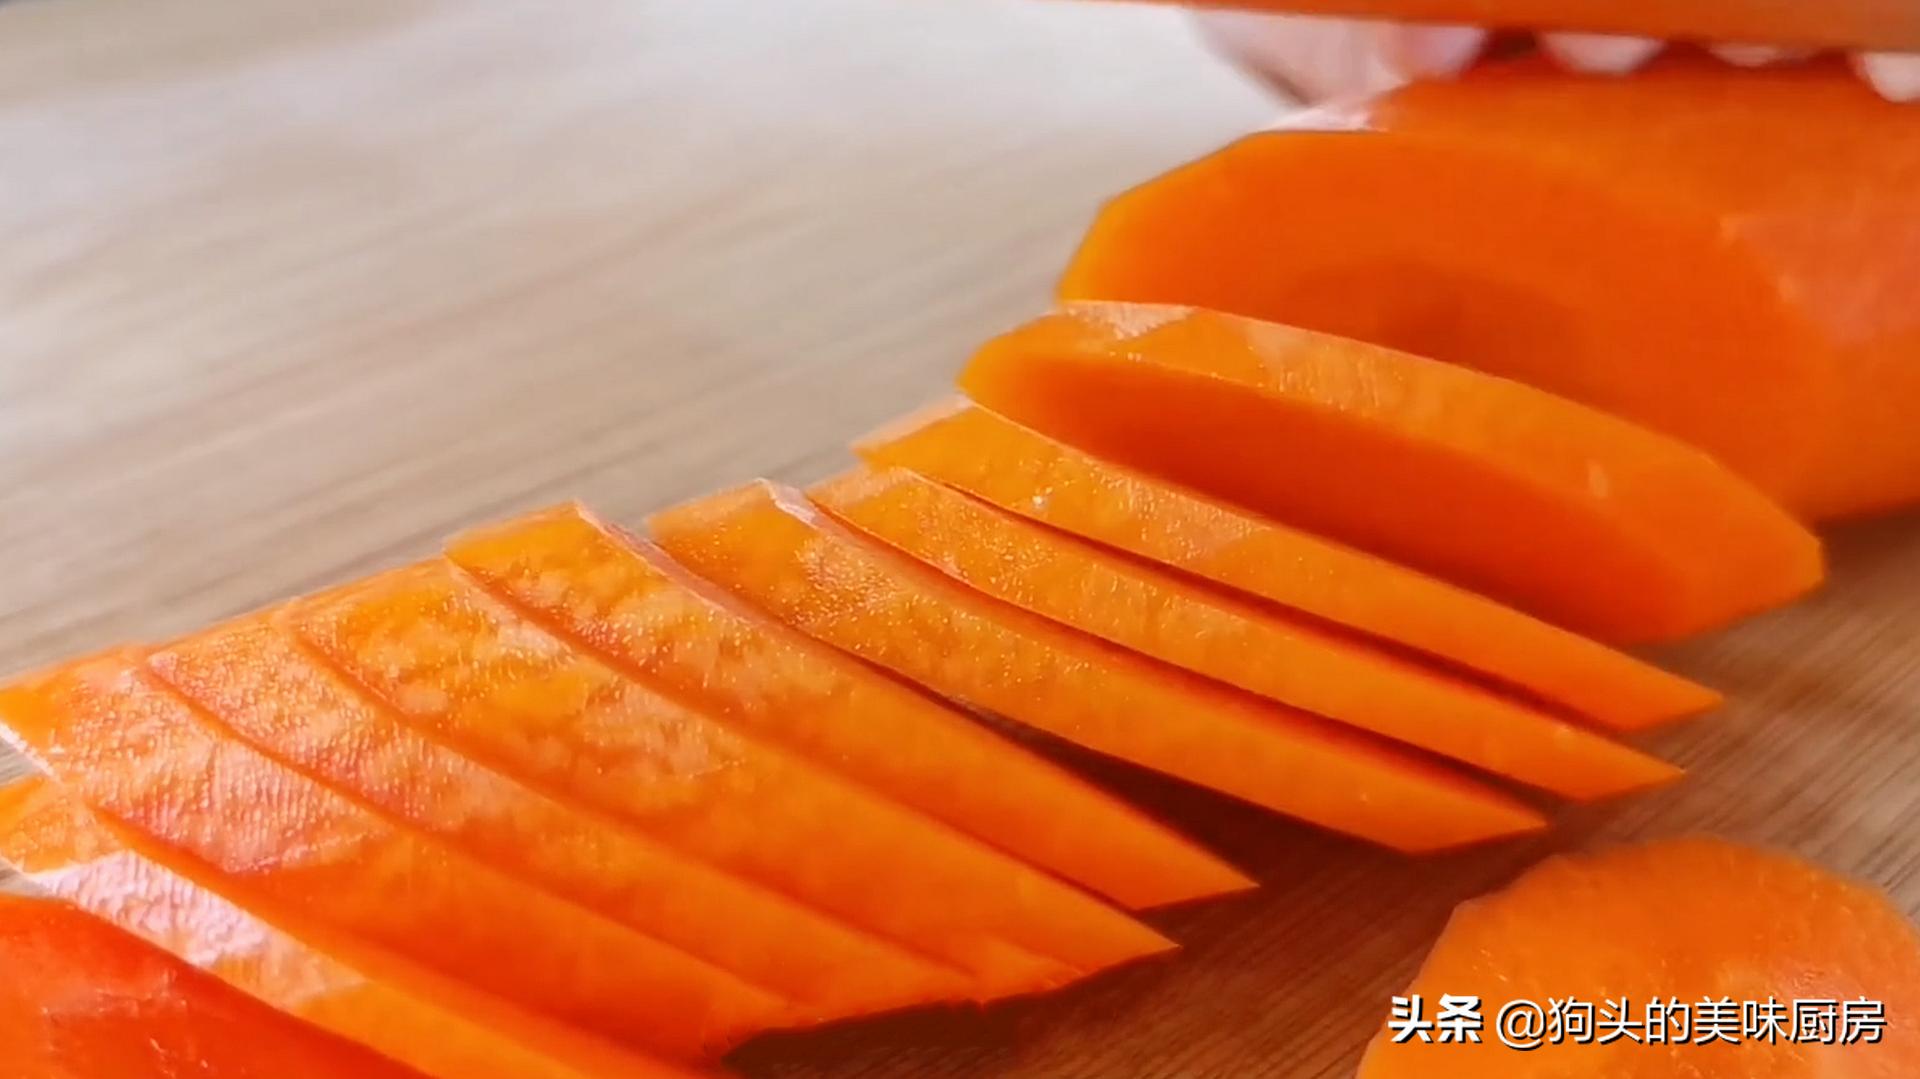 面粉里加入一根胡萝卜,不用烤不用烙,香甜拉丝,孩子天天吃不够 美食做法 第4张